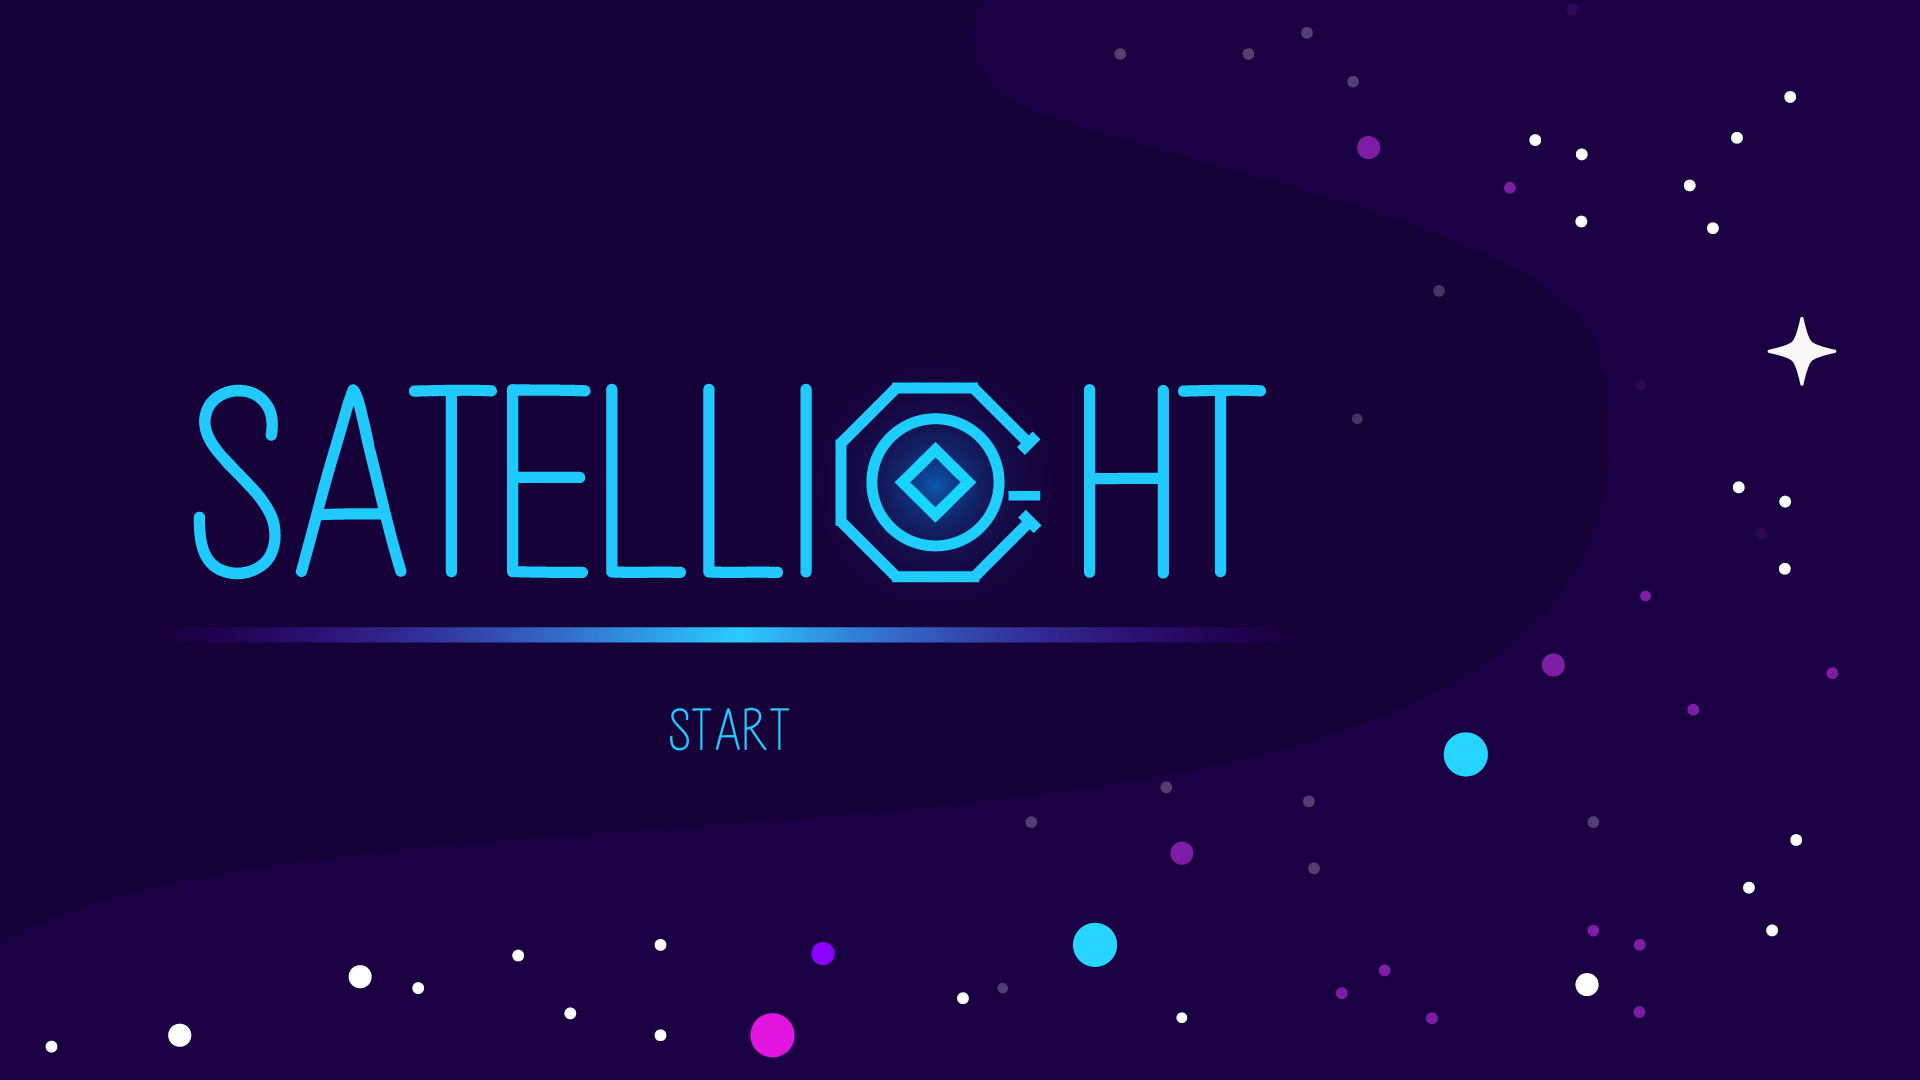 Satellight